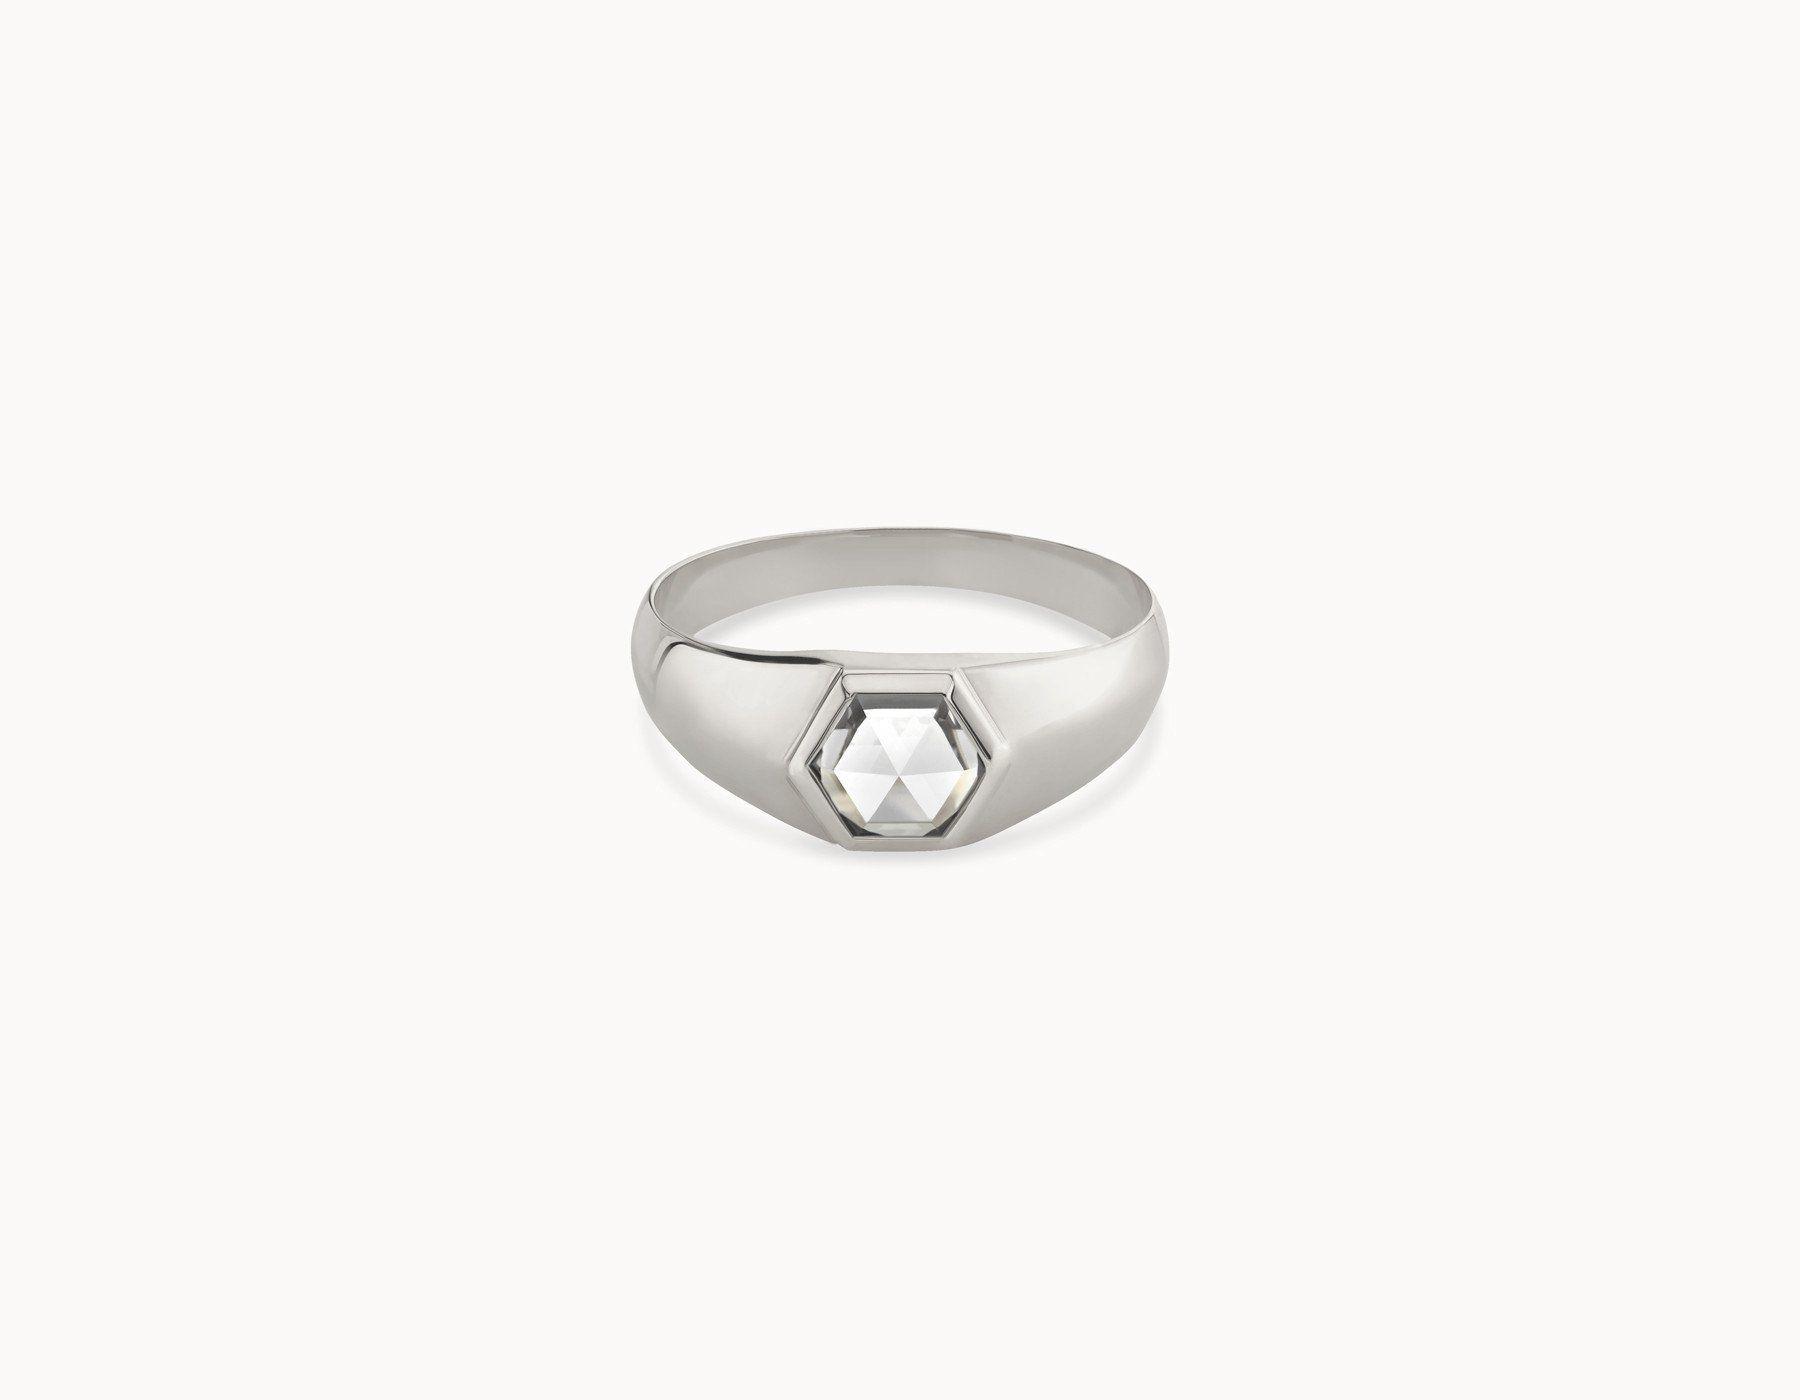 156db5e46e Vrai & Oro Black Label Rose Cut Hex Signet Ring The Rose-Cut Hex Signet